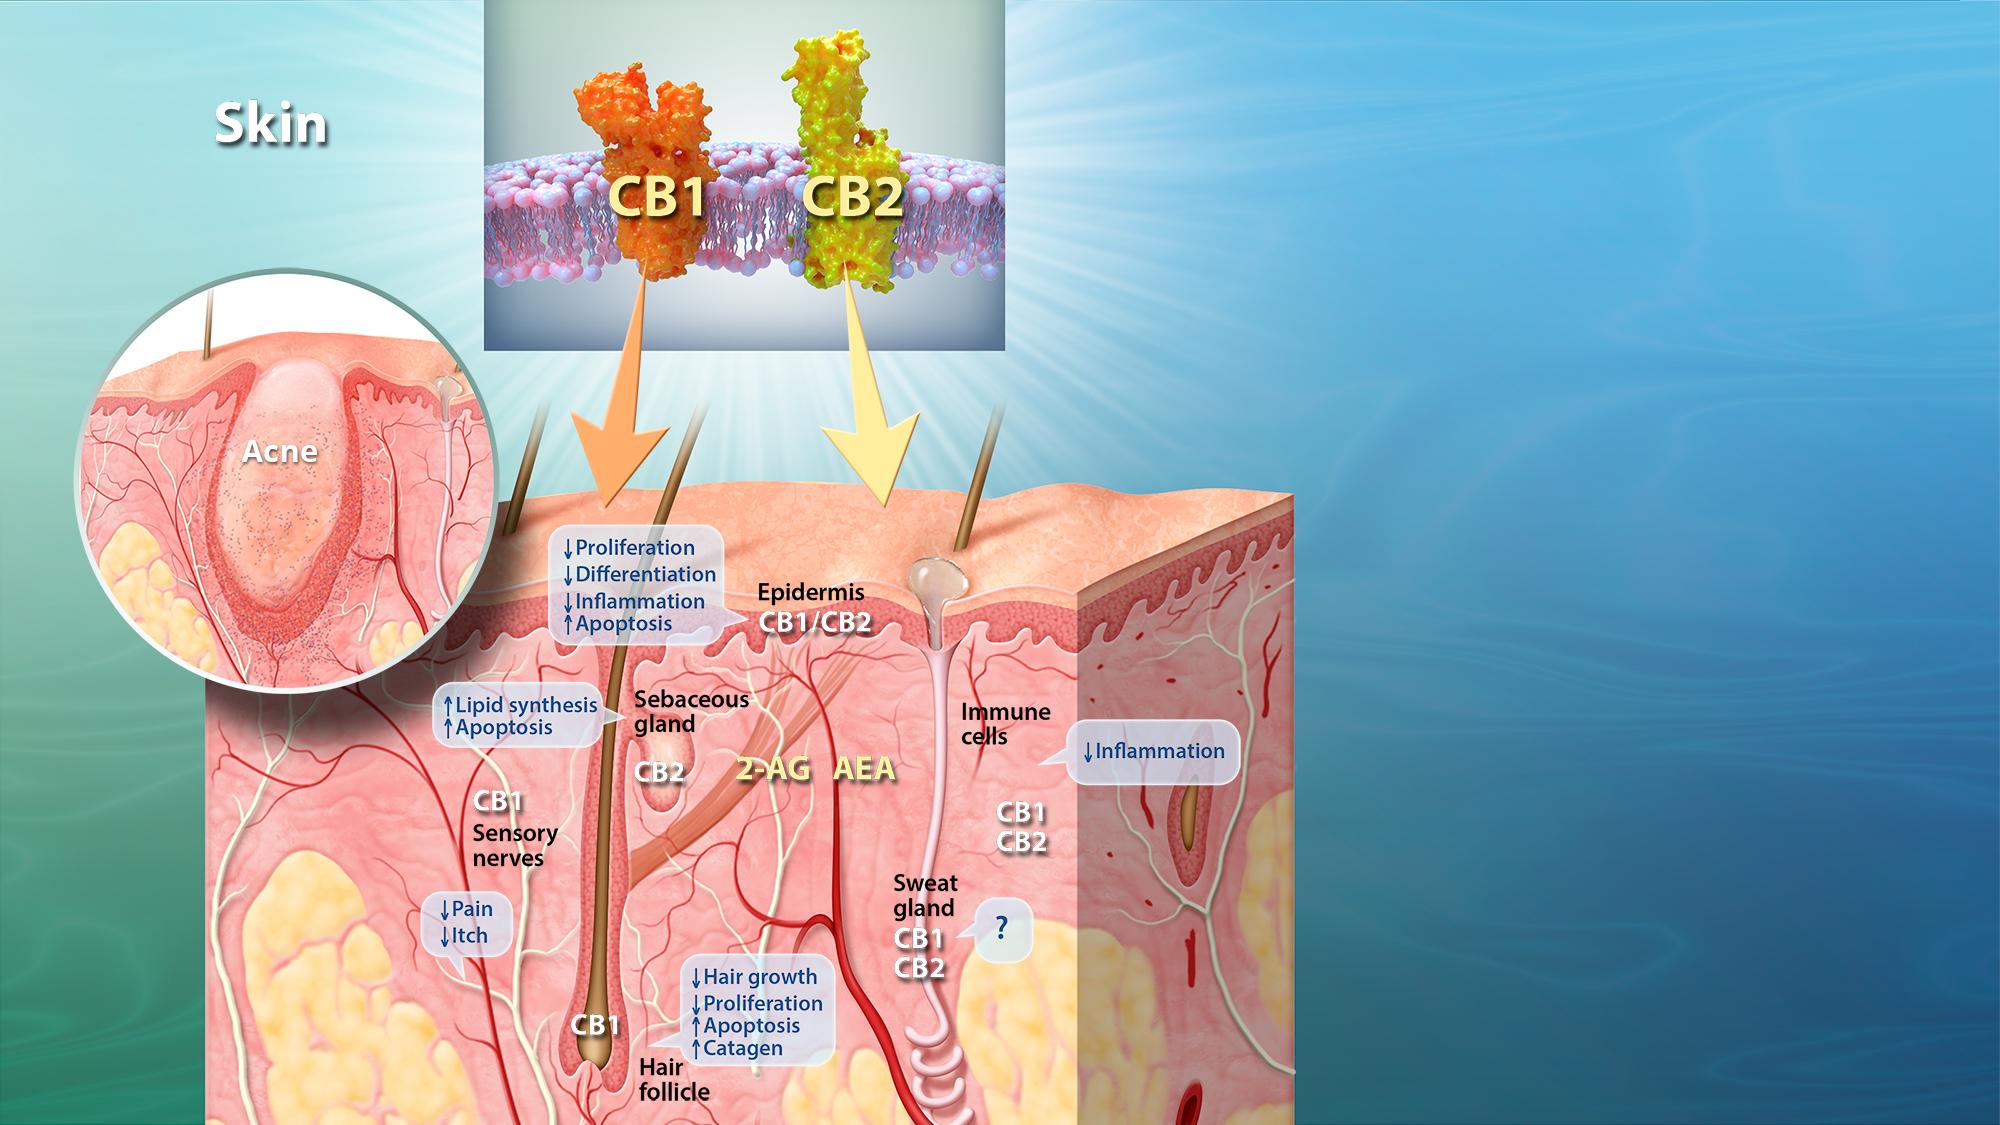 The Ecs In Skin Phytecs